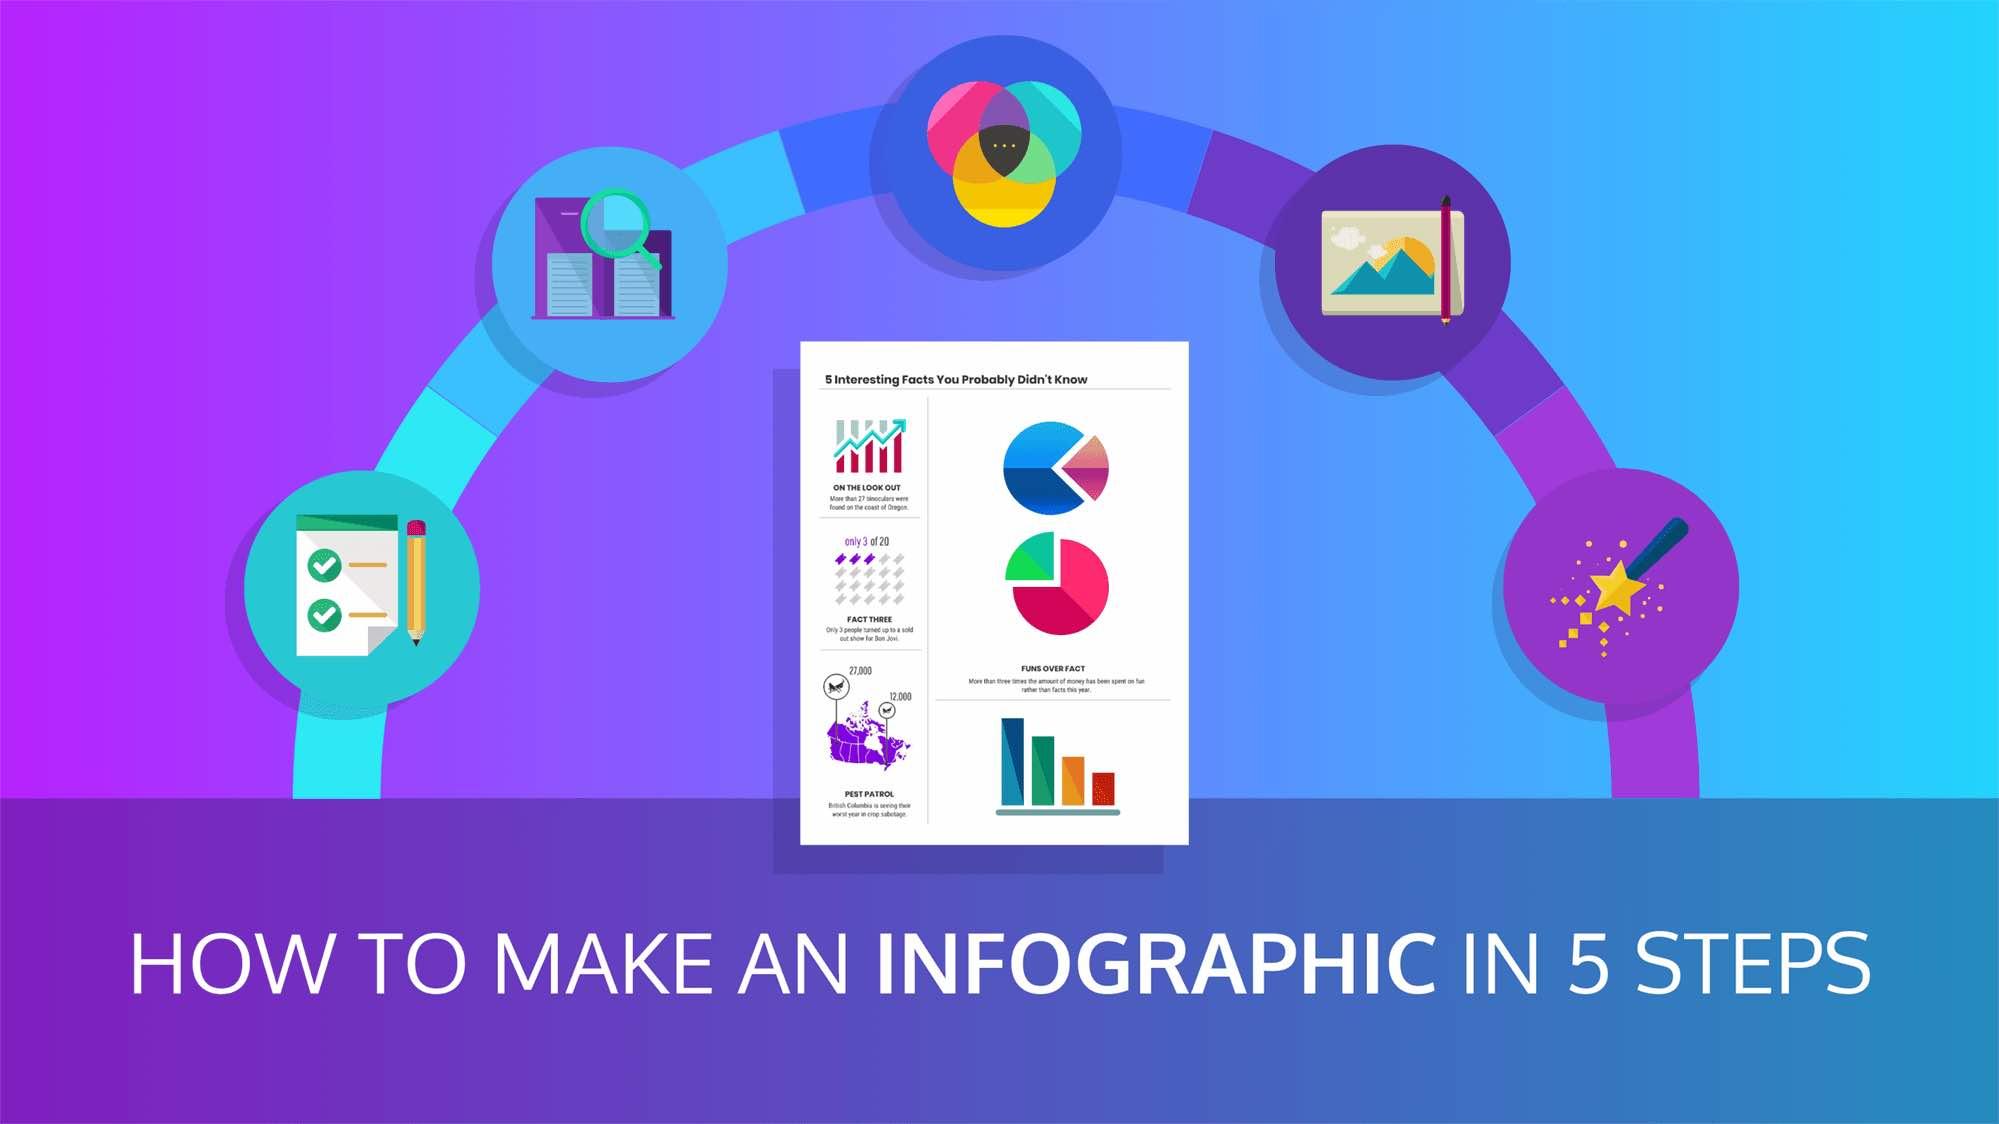 як-створити-інфографіку-за-5-кроків-блог-заголовок